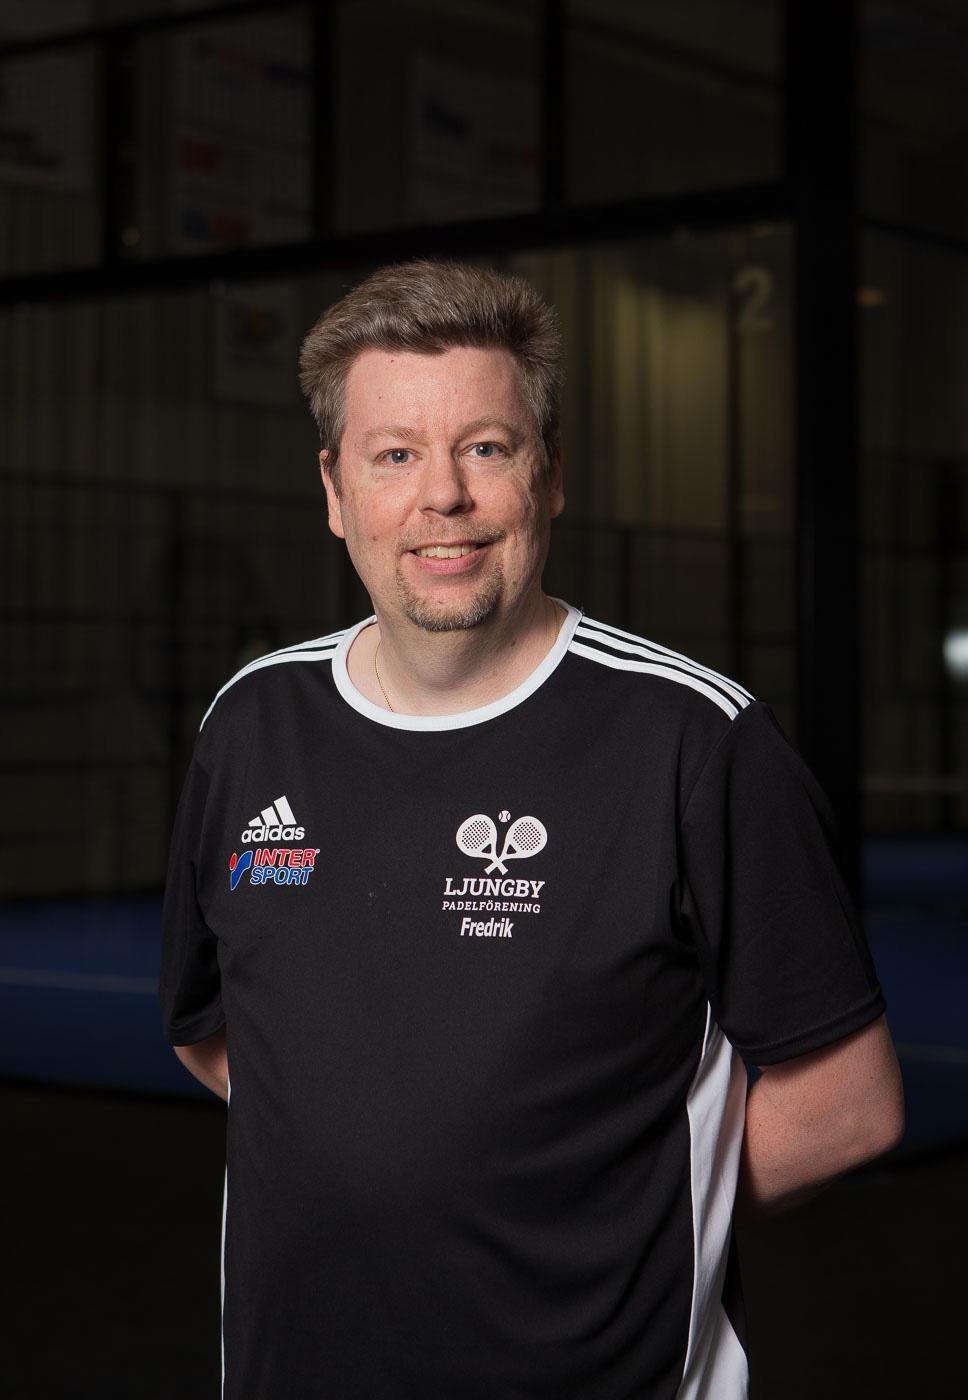 Fredrik Skog